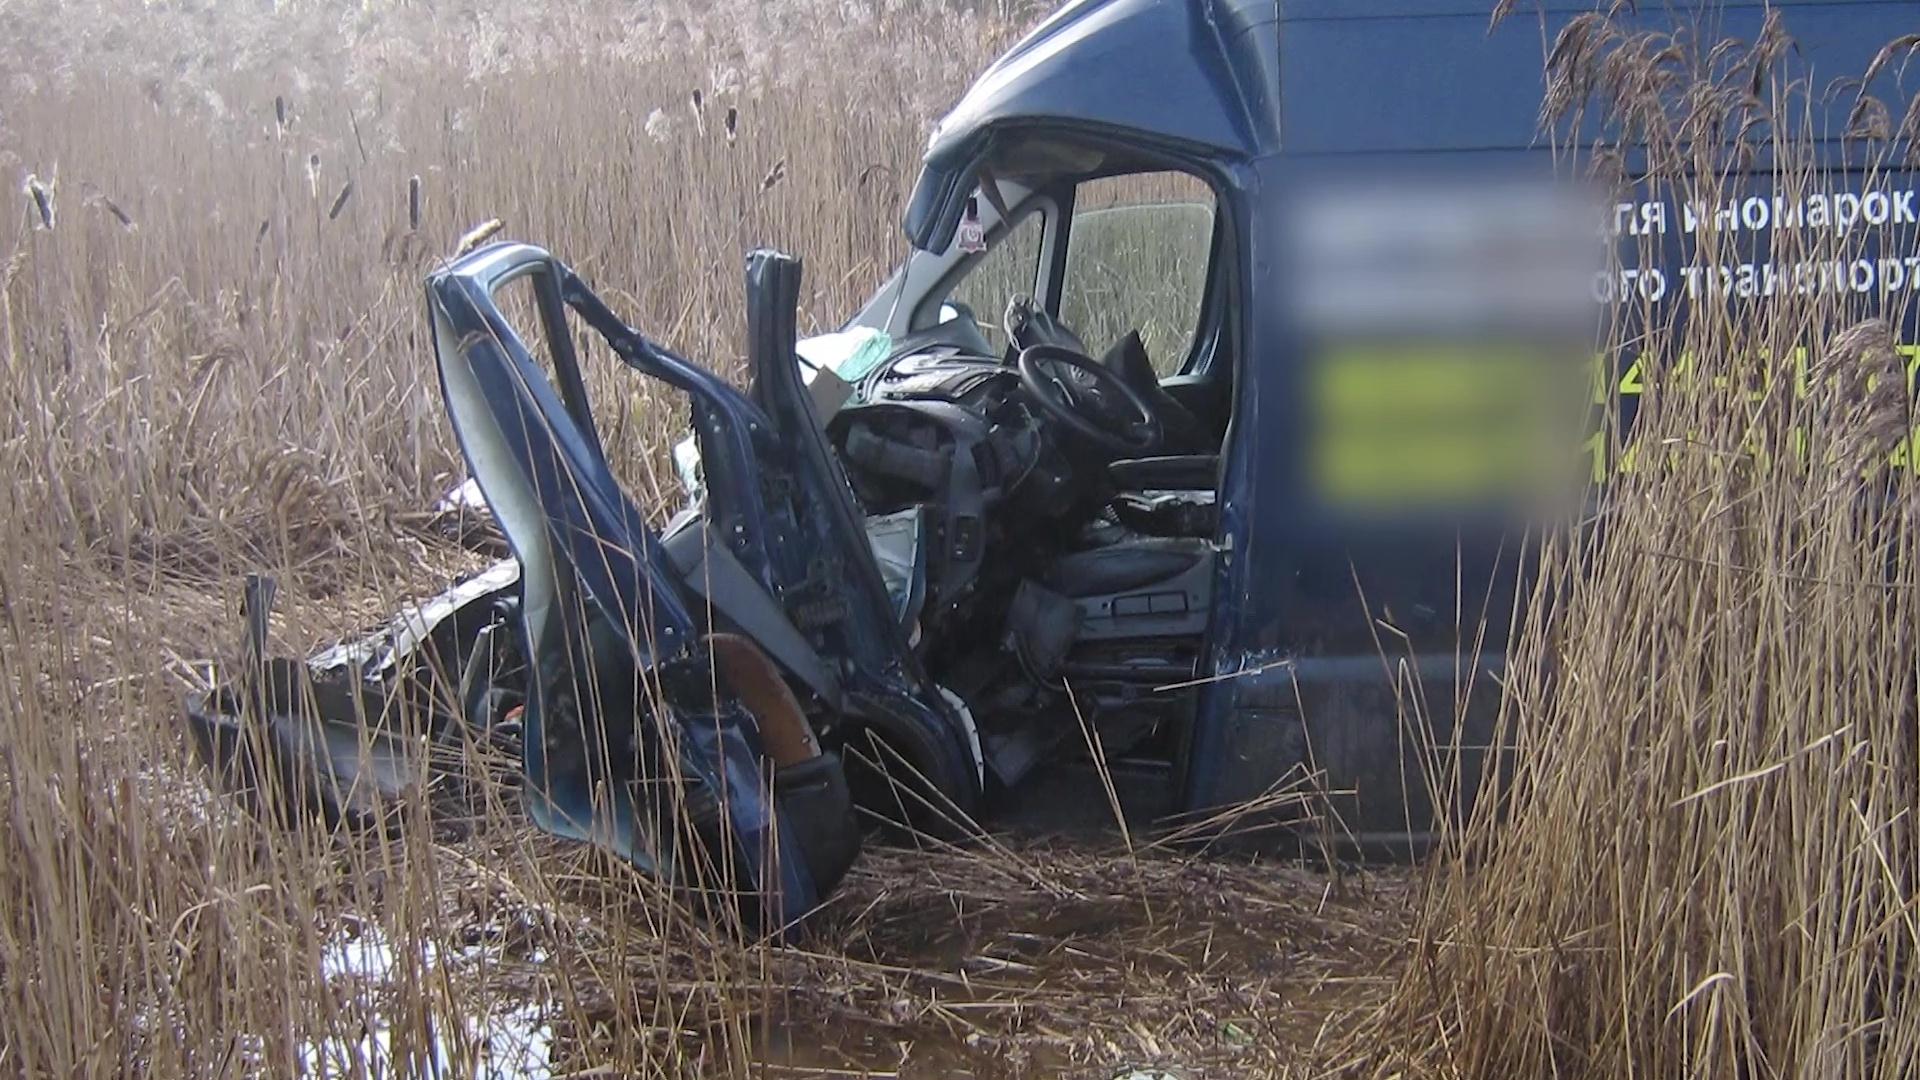 Кабину разорвало: в Ростовском районе в ДТП с микроавтобусом пострадали люди